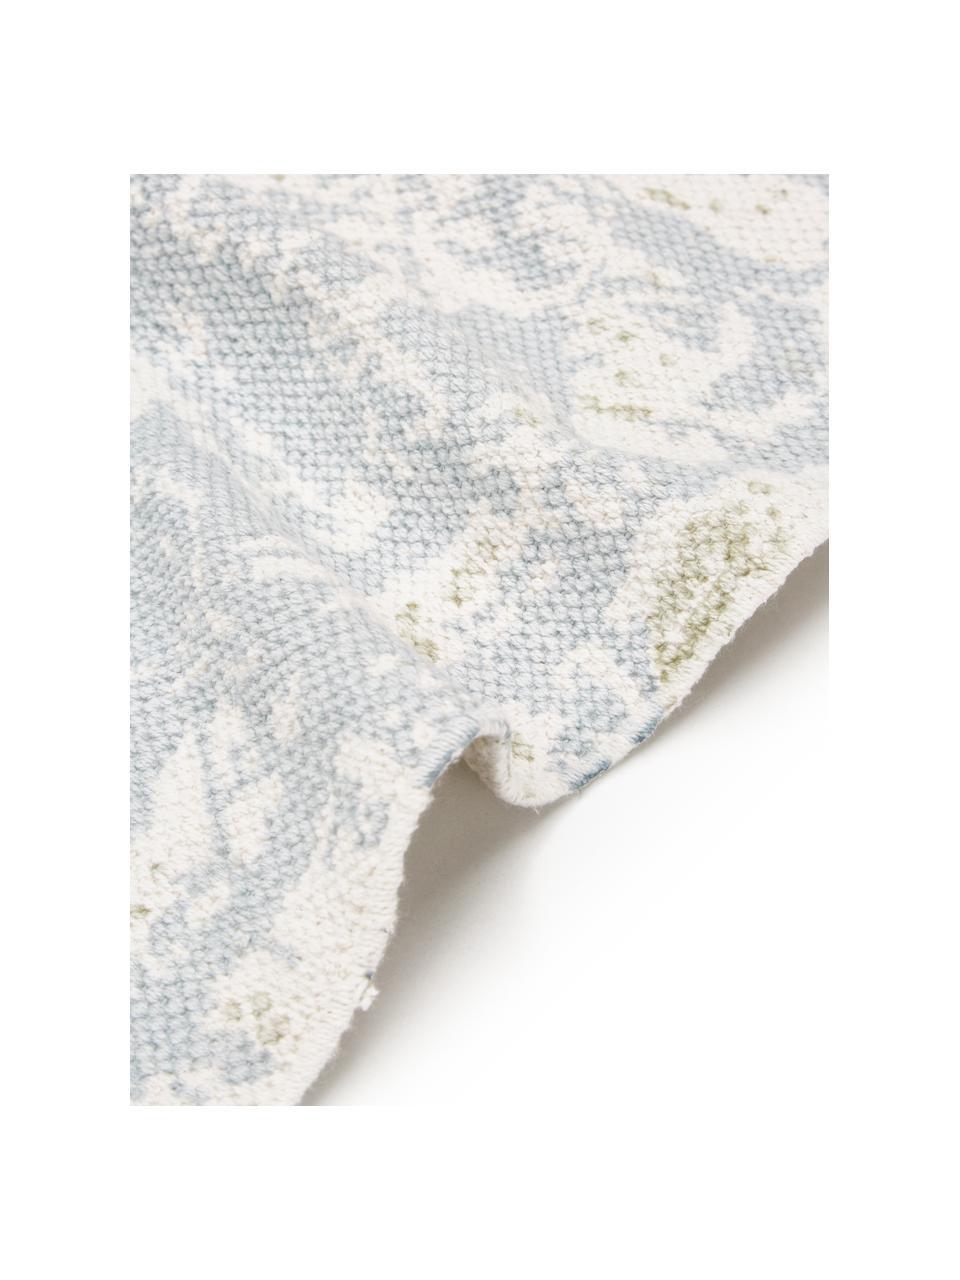 Handgewebter Baumwollteppich Jasmine in Beige/Blau im Vintage-Style, Beige, Blau, B 50 x L 80 cm (Größe XXS)